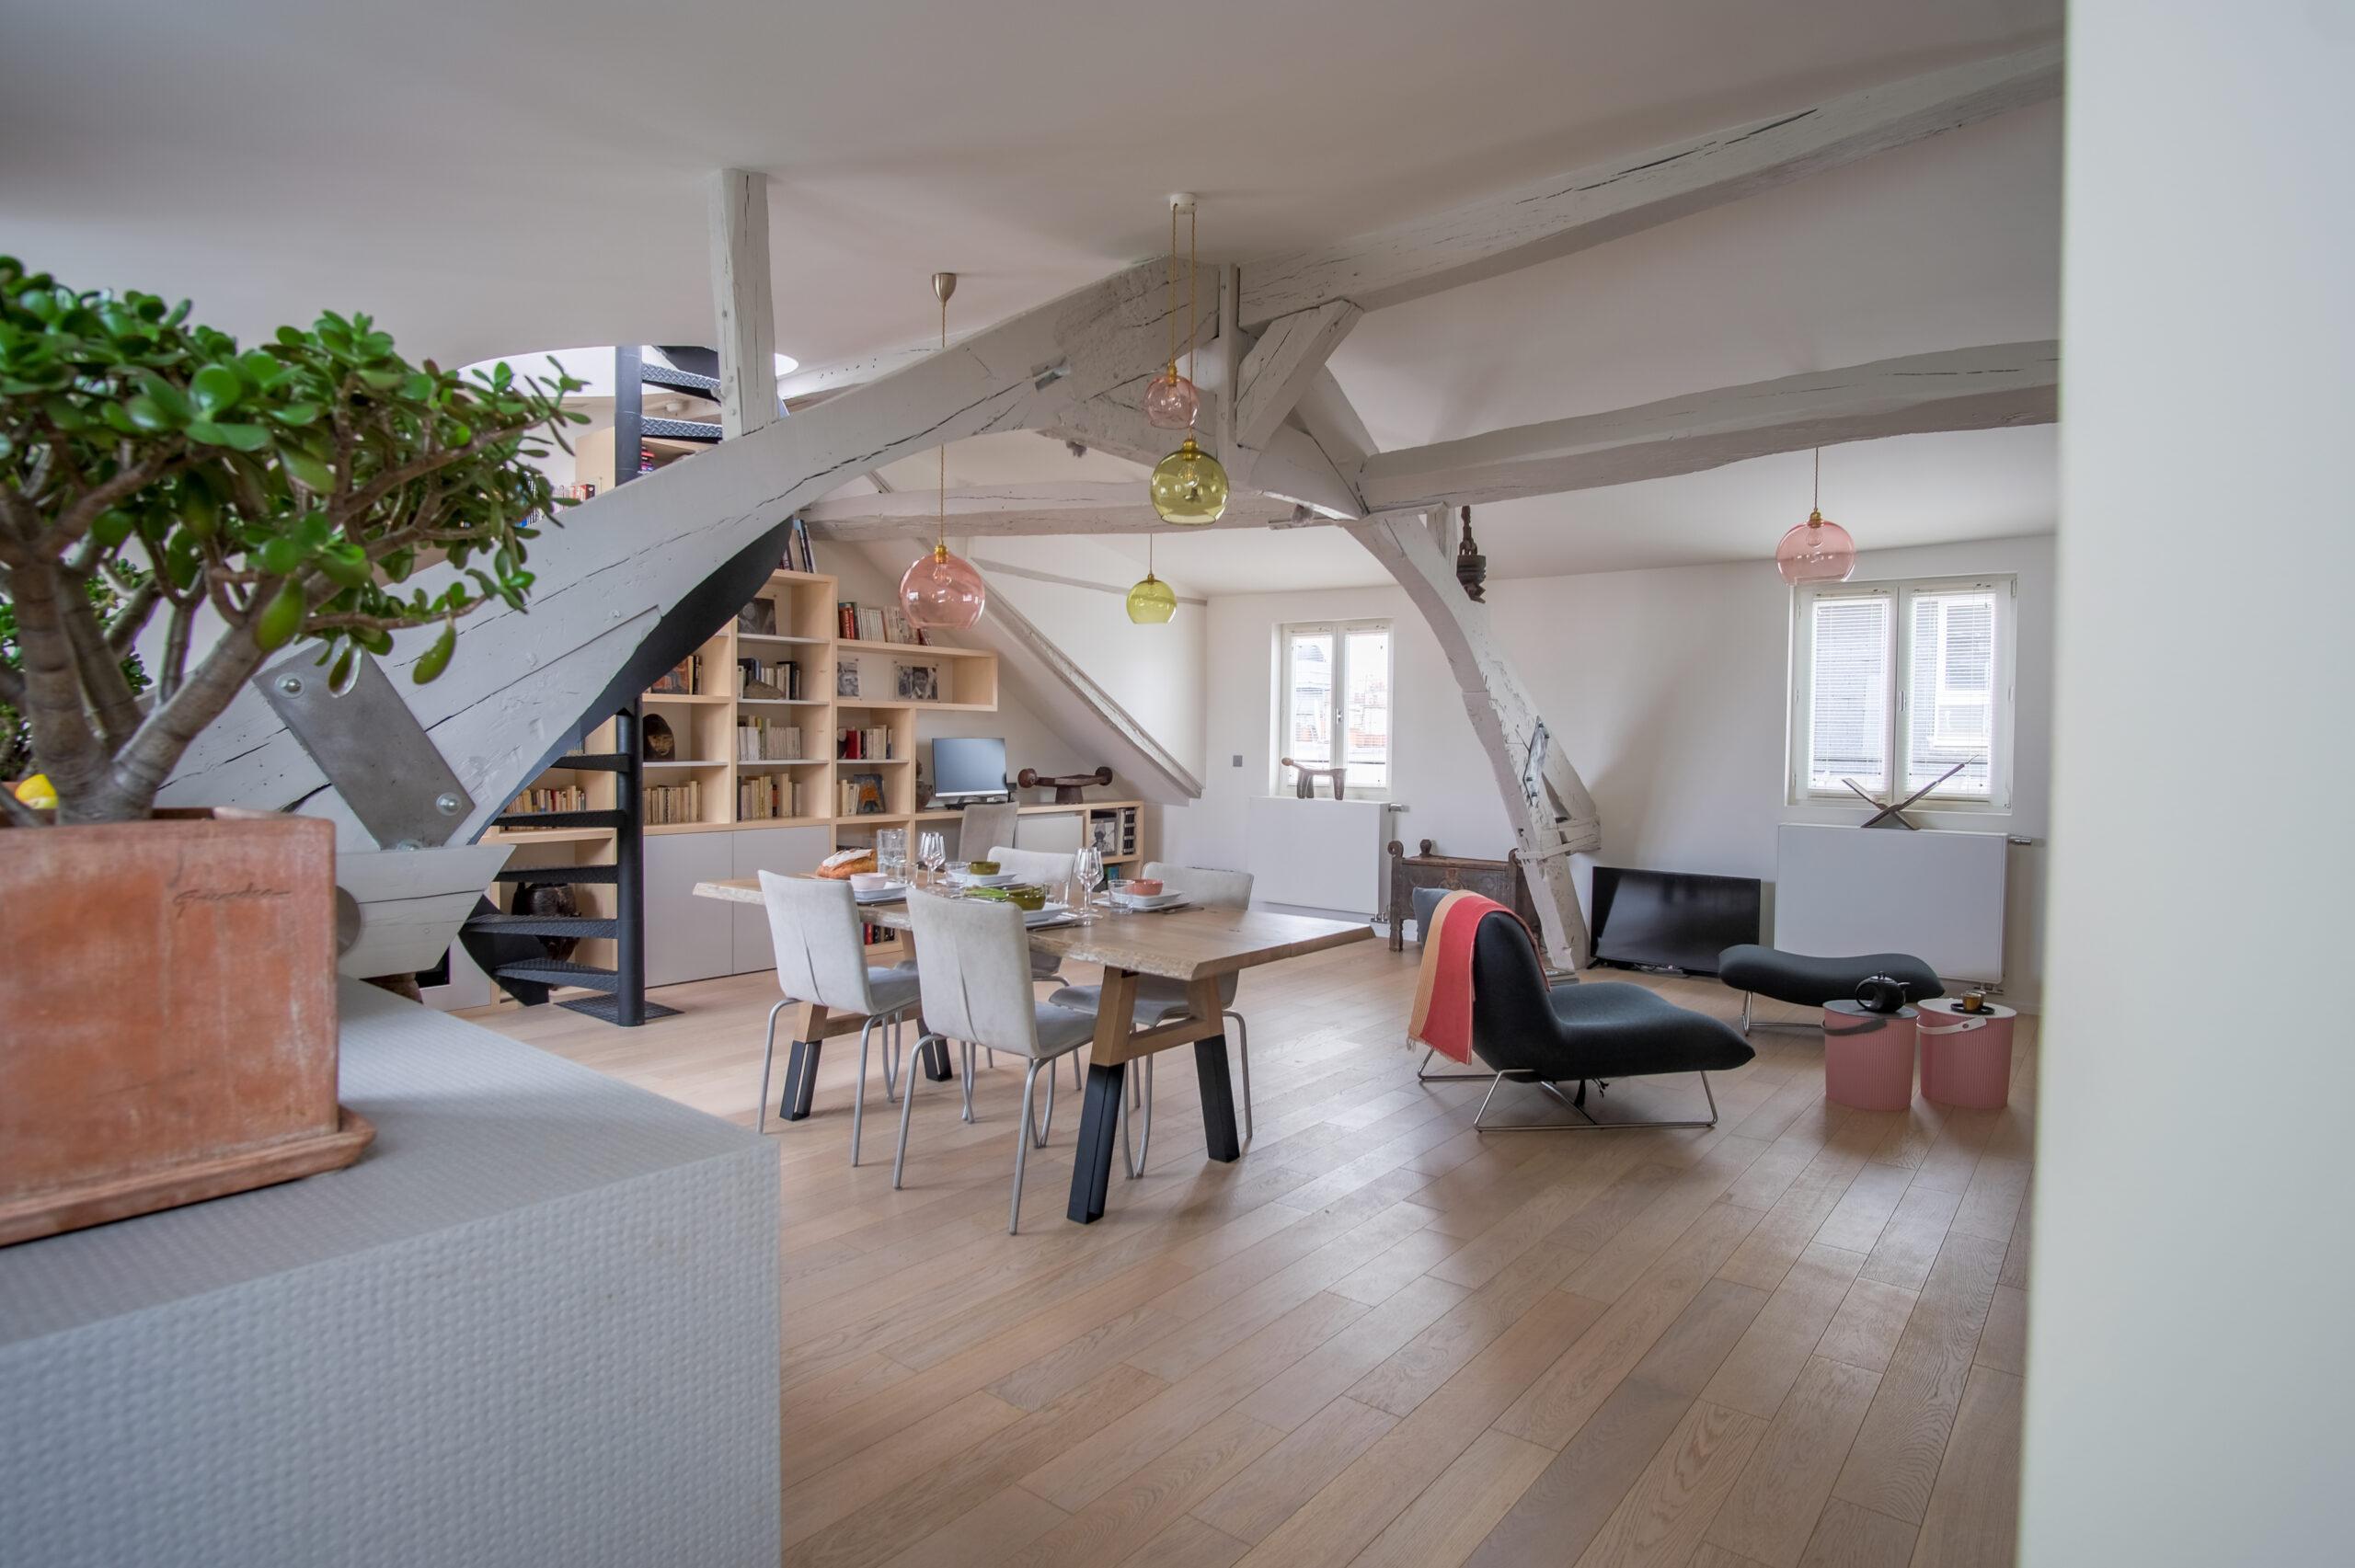 Duplex atypique. Salon / séjour et salle à manger en loft. Avec bibliothèque sur mesure et escalier en colimaçon.